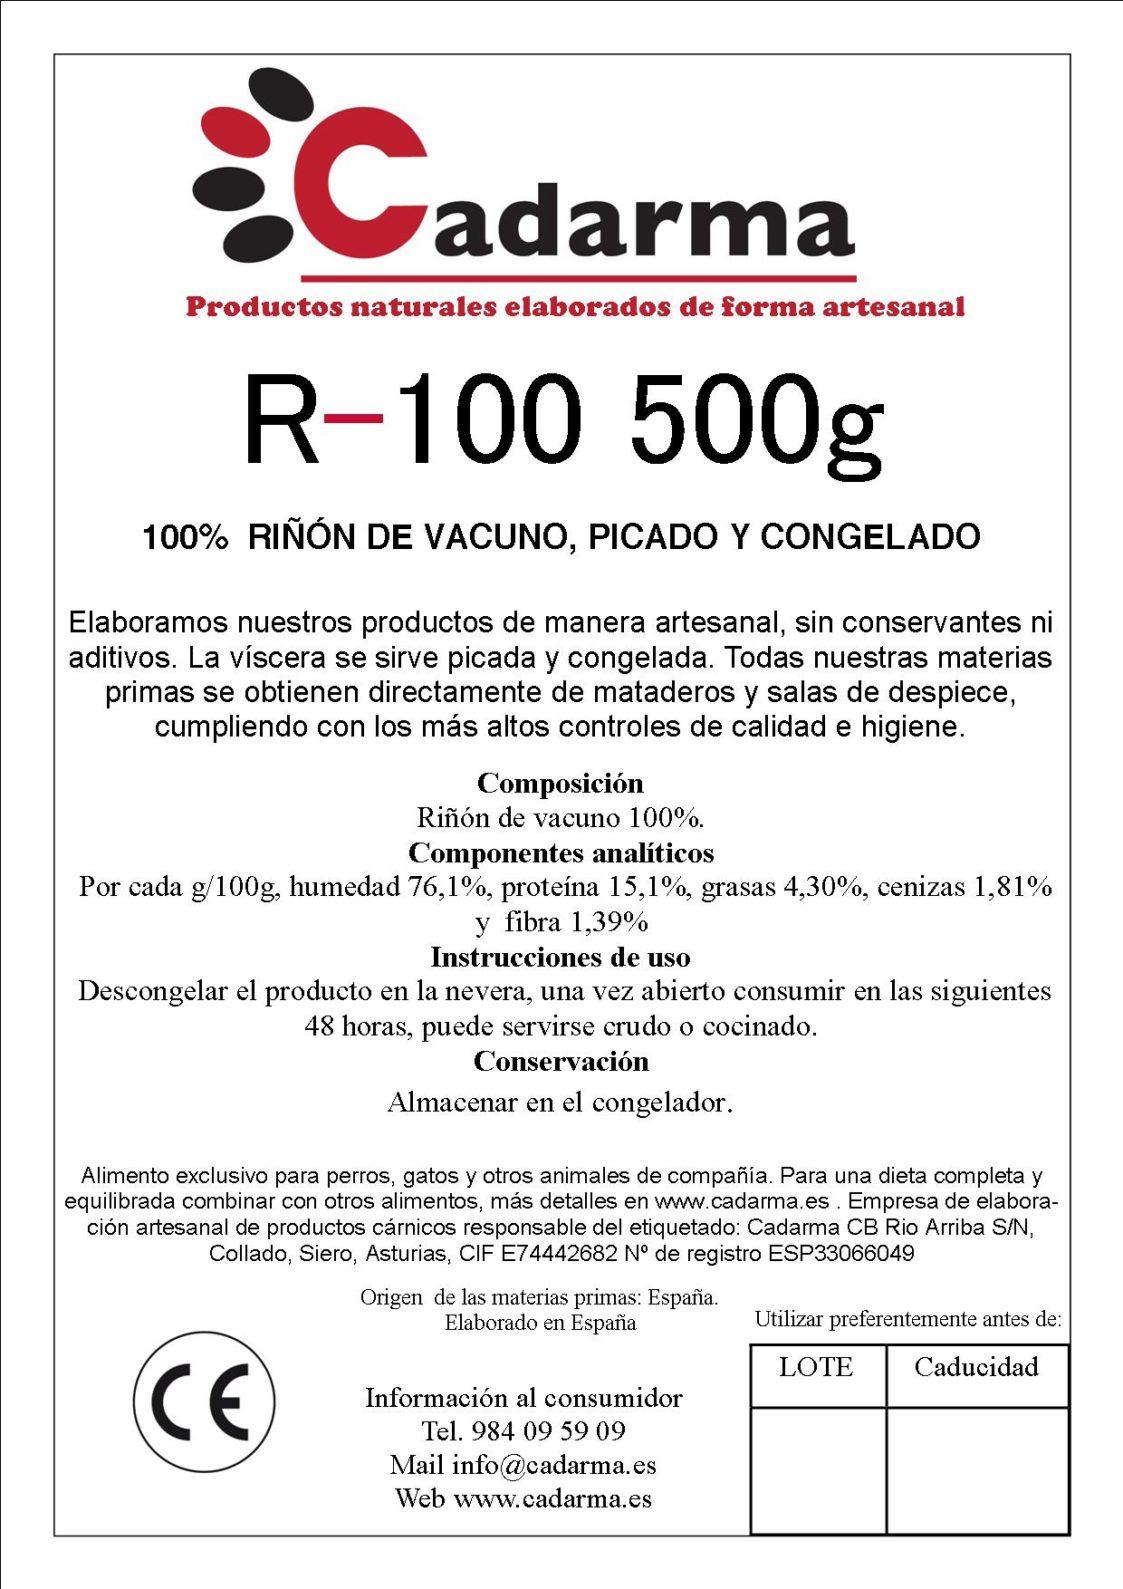 etiqueta 11 R100